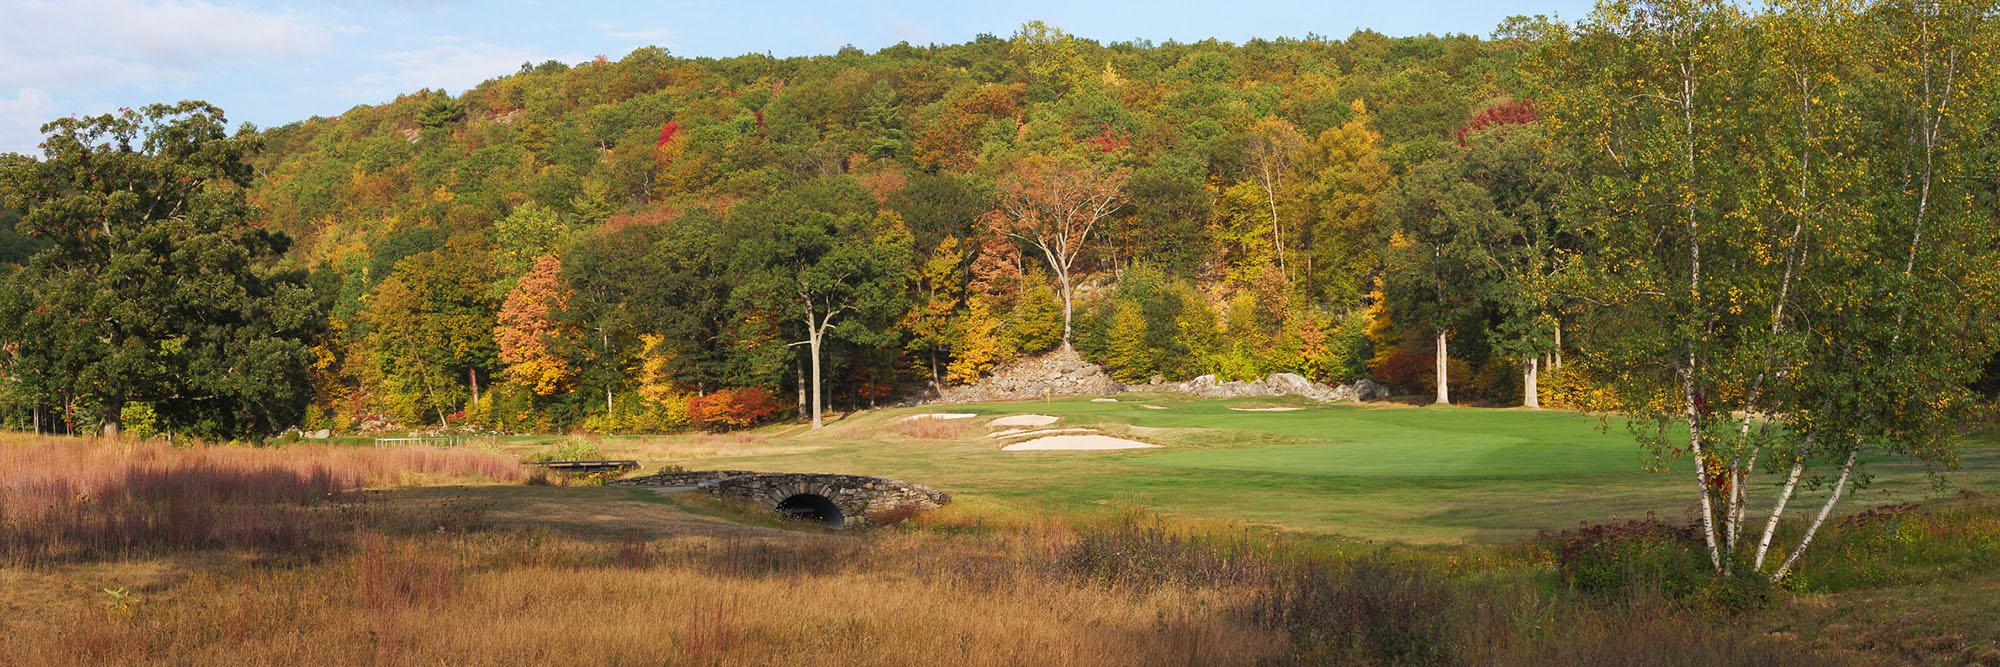 Golf Course Image - The Tuxedo Club No. 16